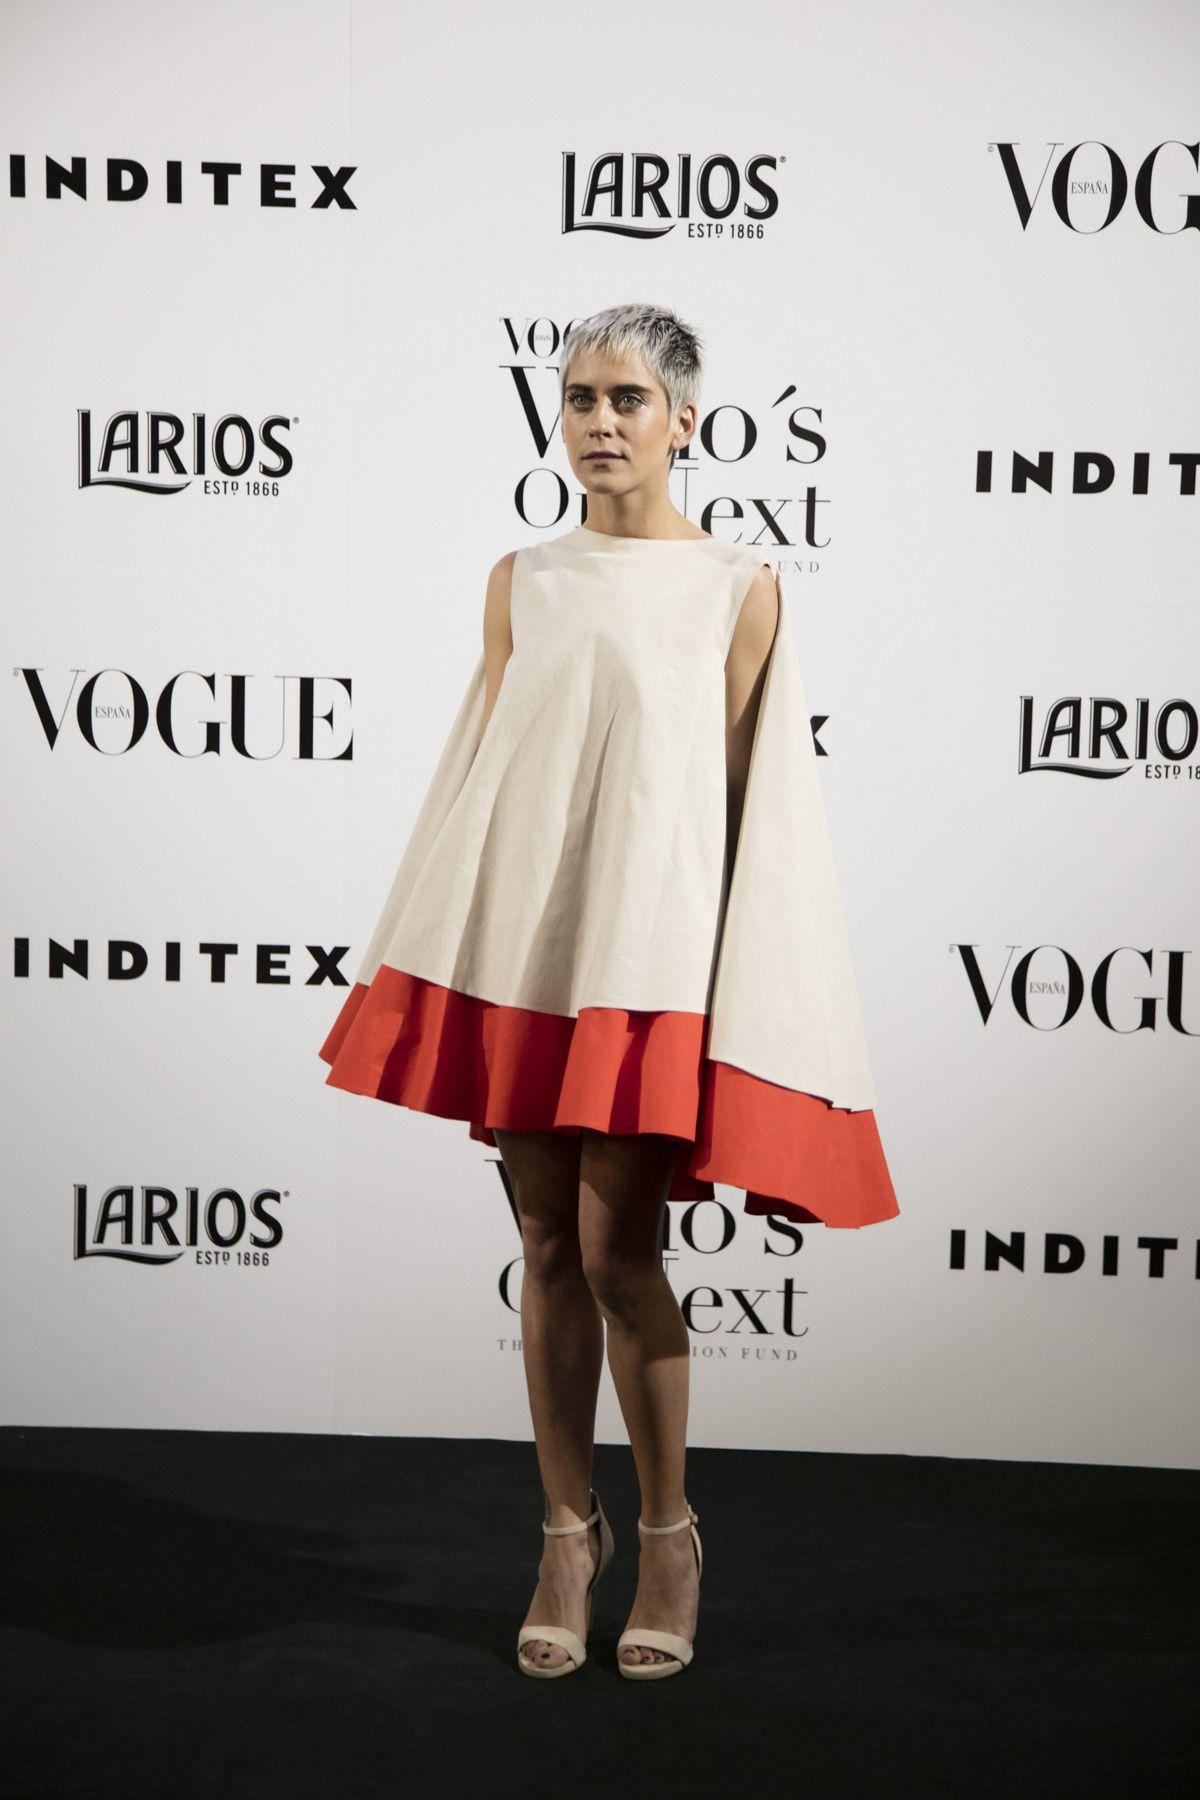 María León Design: Leandro Cano